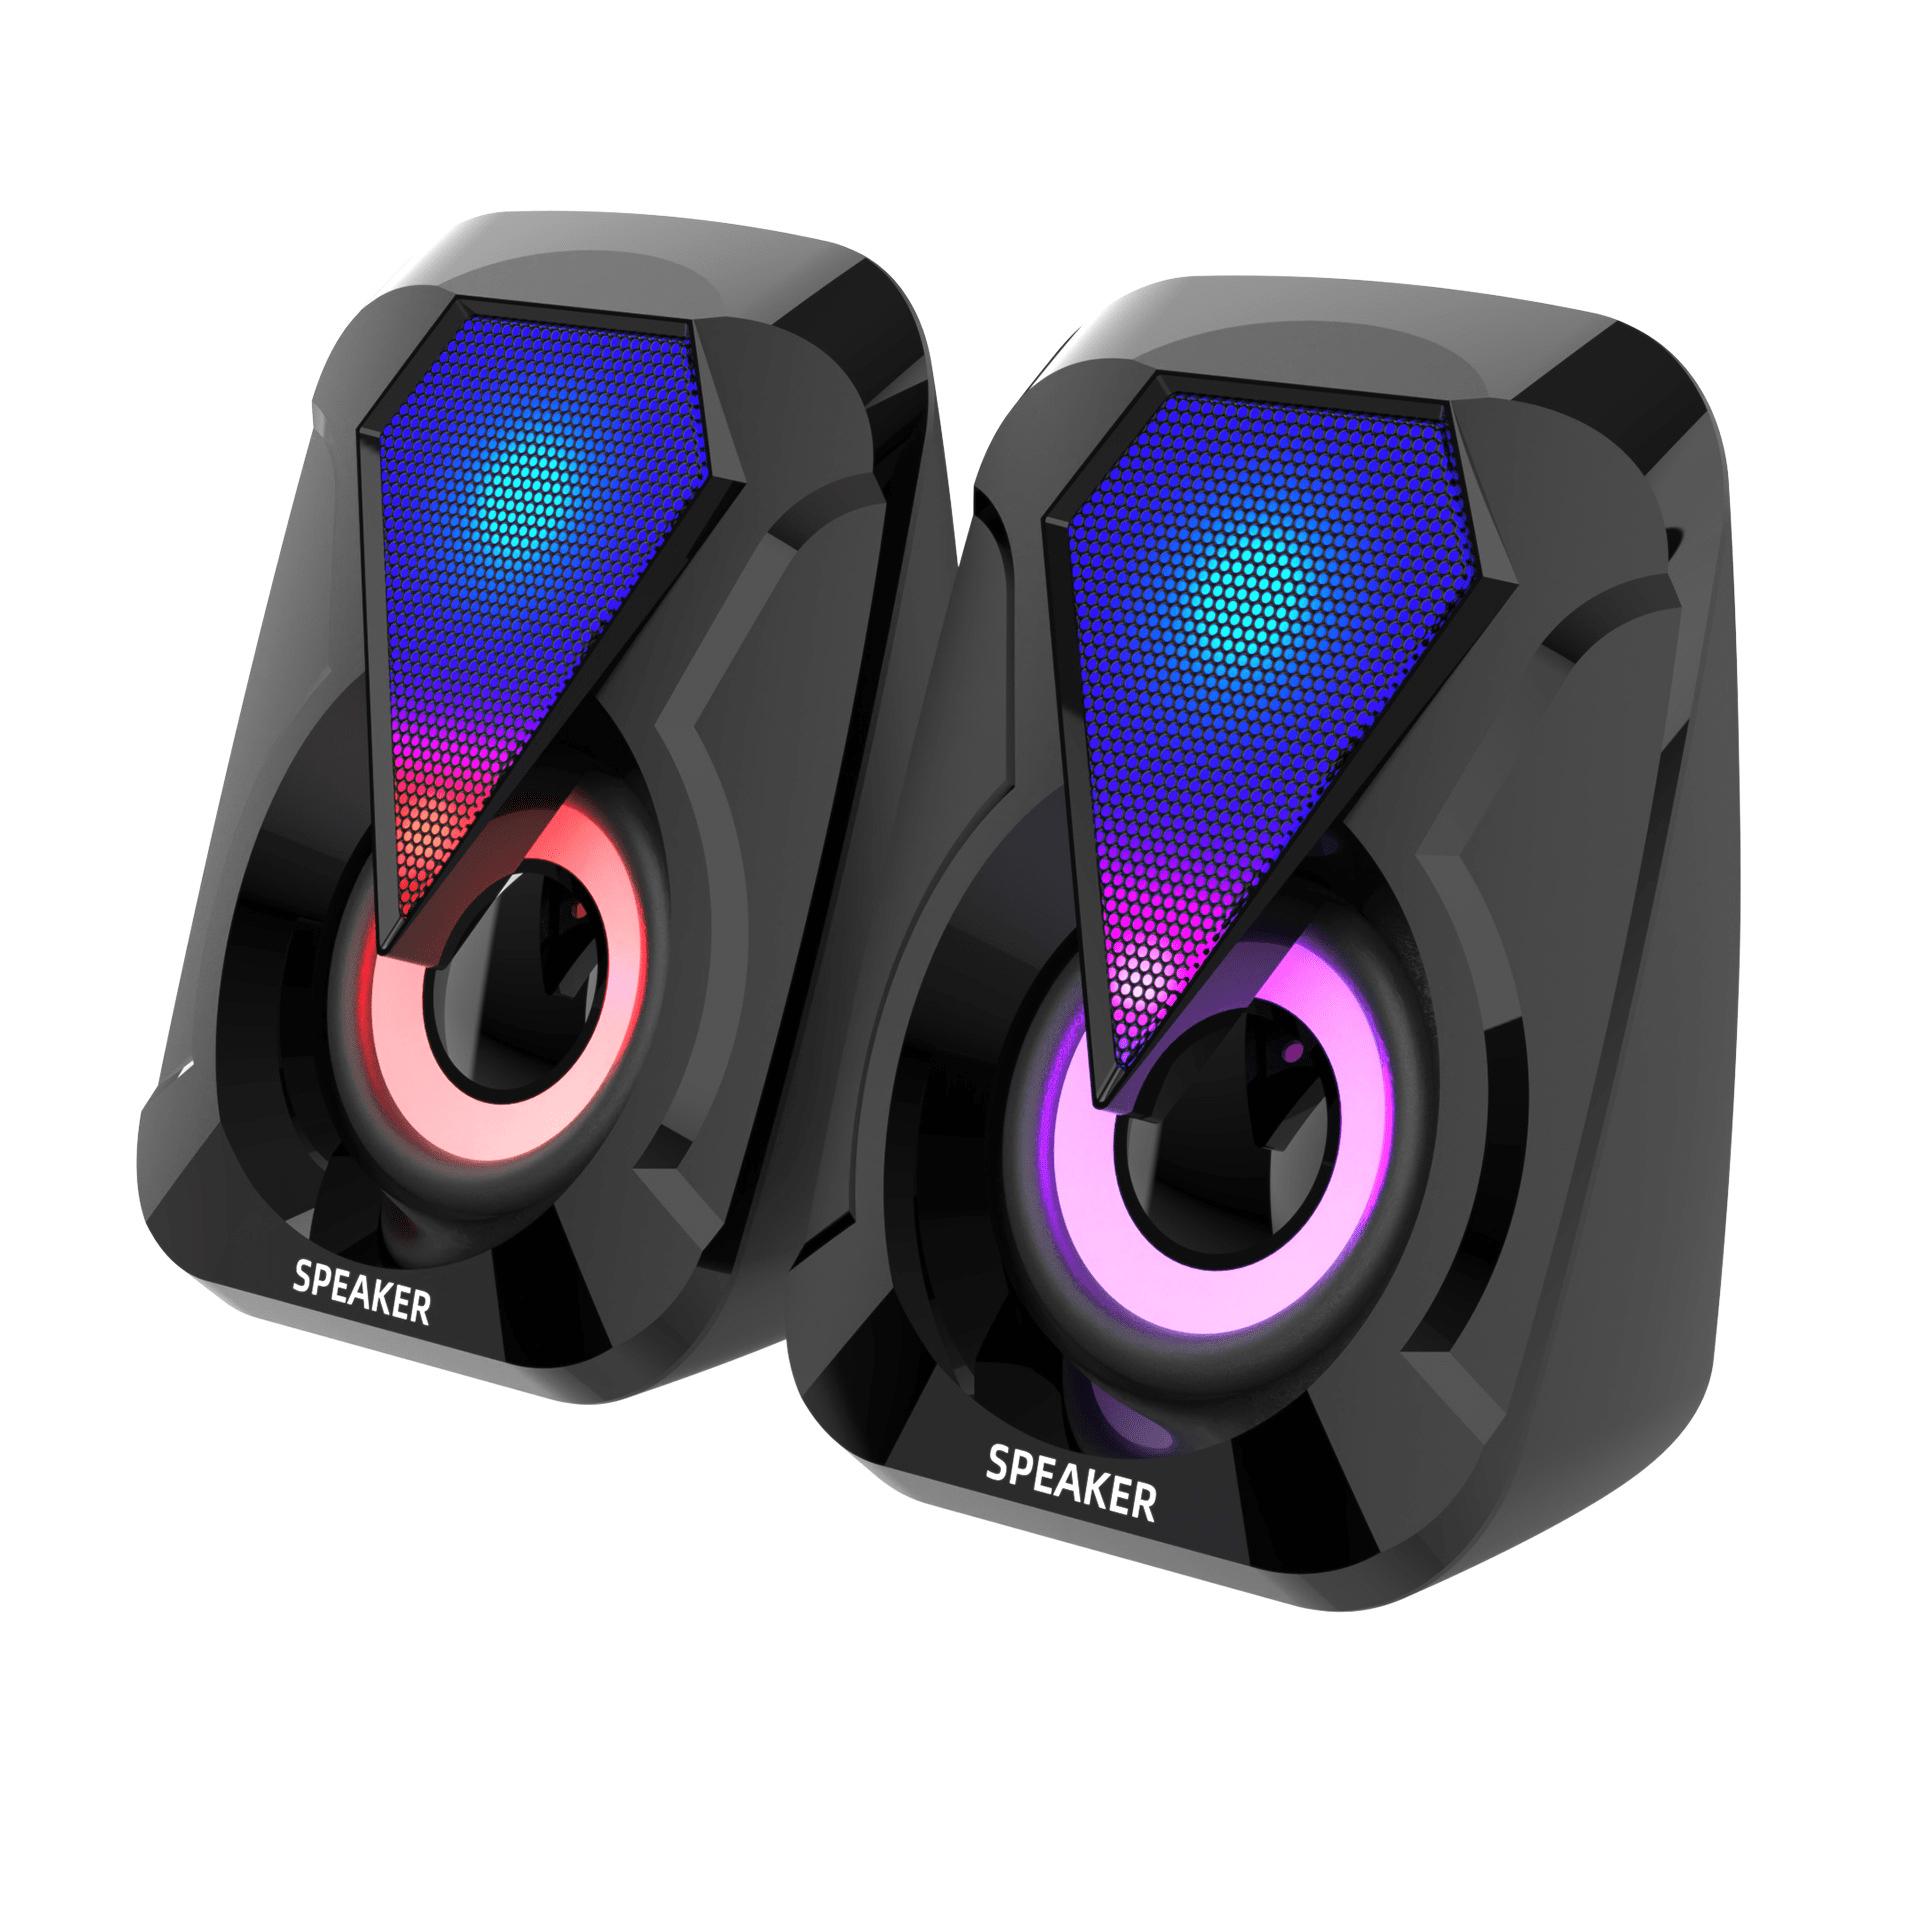 [HCM]Loa vi tính mini 1053 để bàn cao cấp âm thanh siêu trầm có đèn led 7 màu